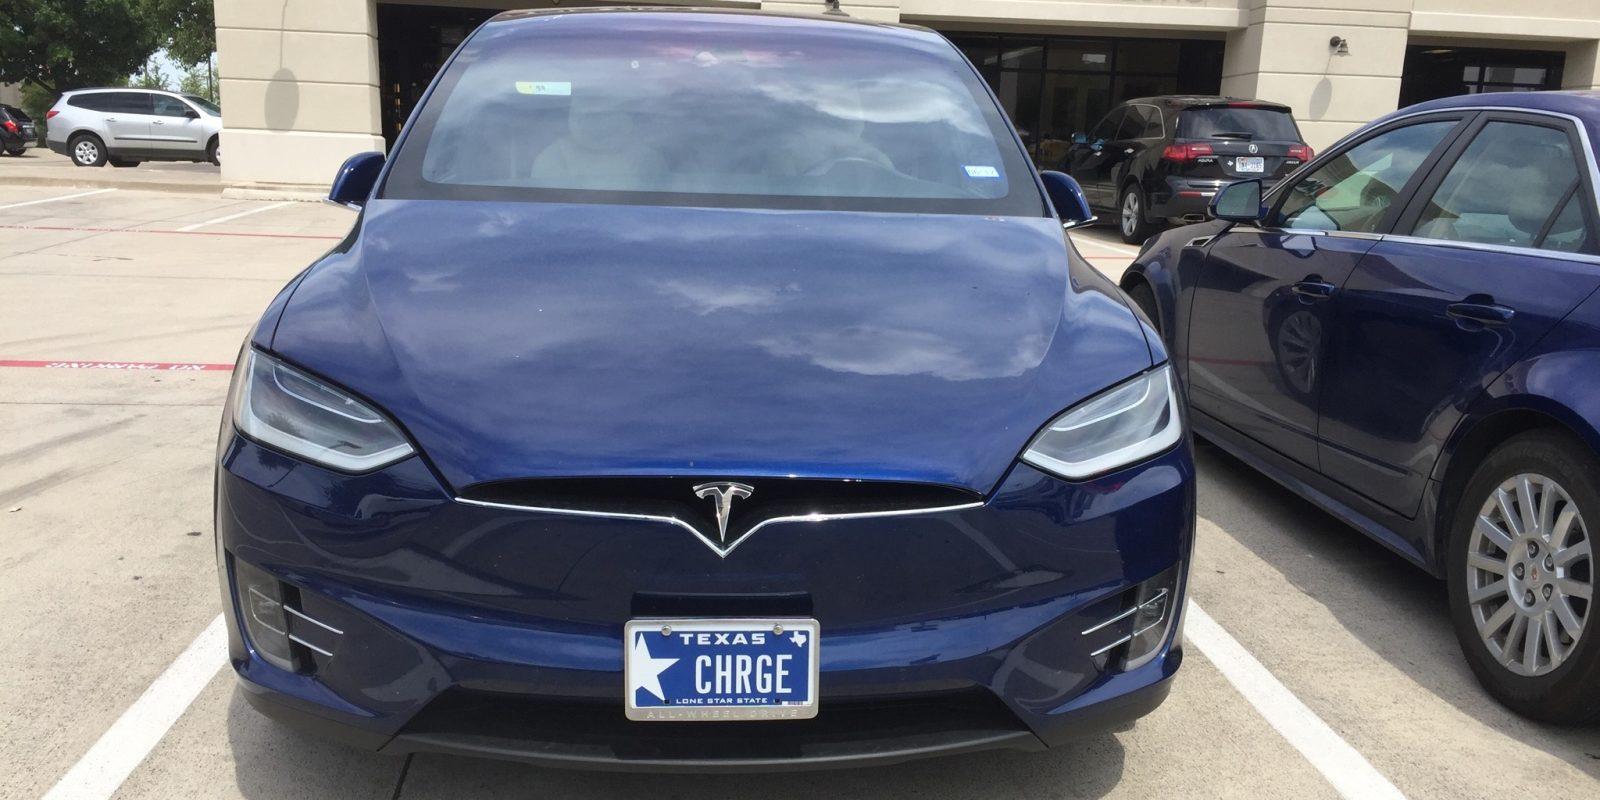 Священный грааль электромобилей: факты показывают, что никто не может превзойти Tesla 1